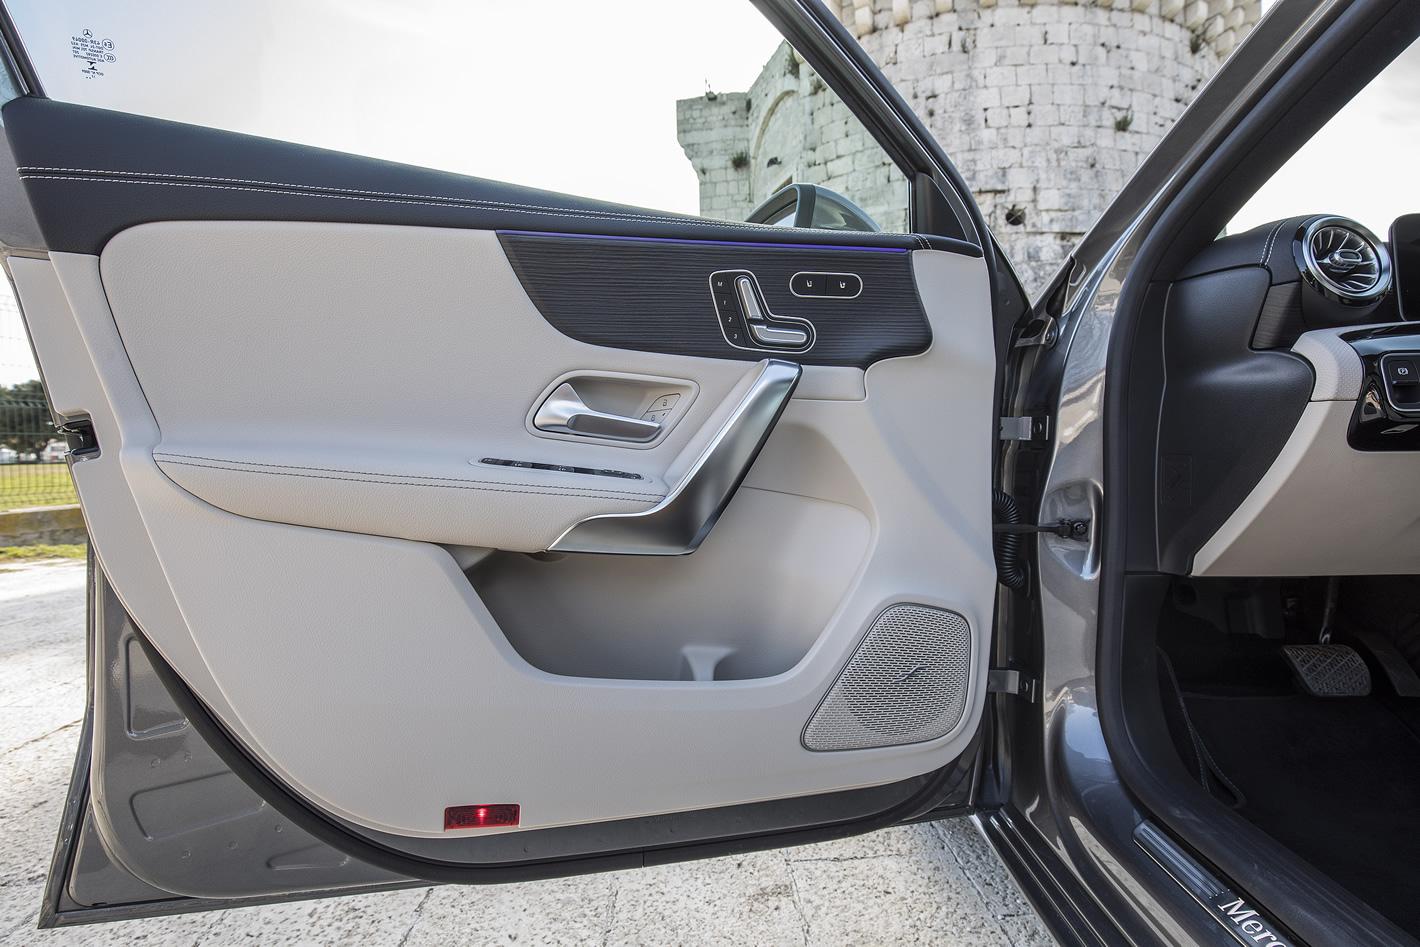 Mercedes-Benz Klasy A 200 - drzwi od środka